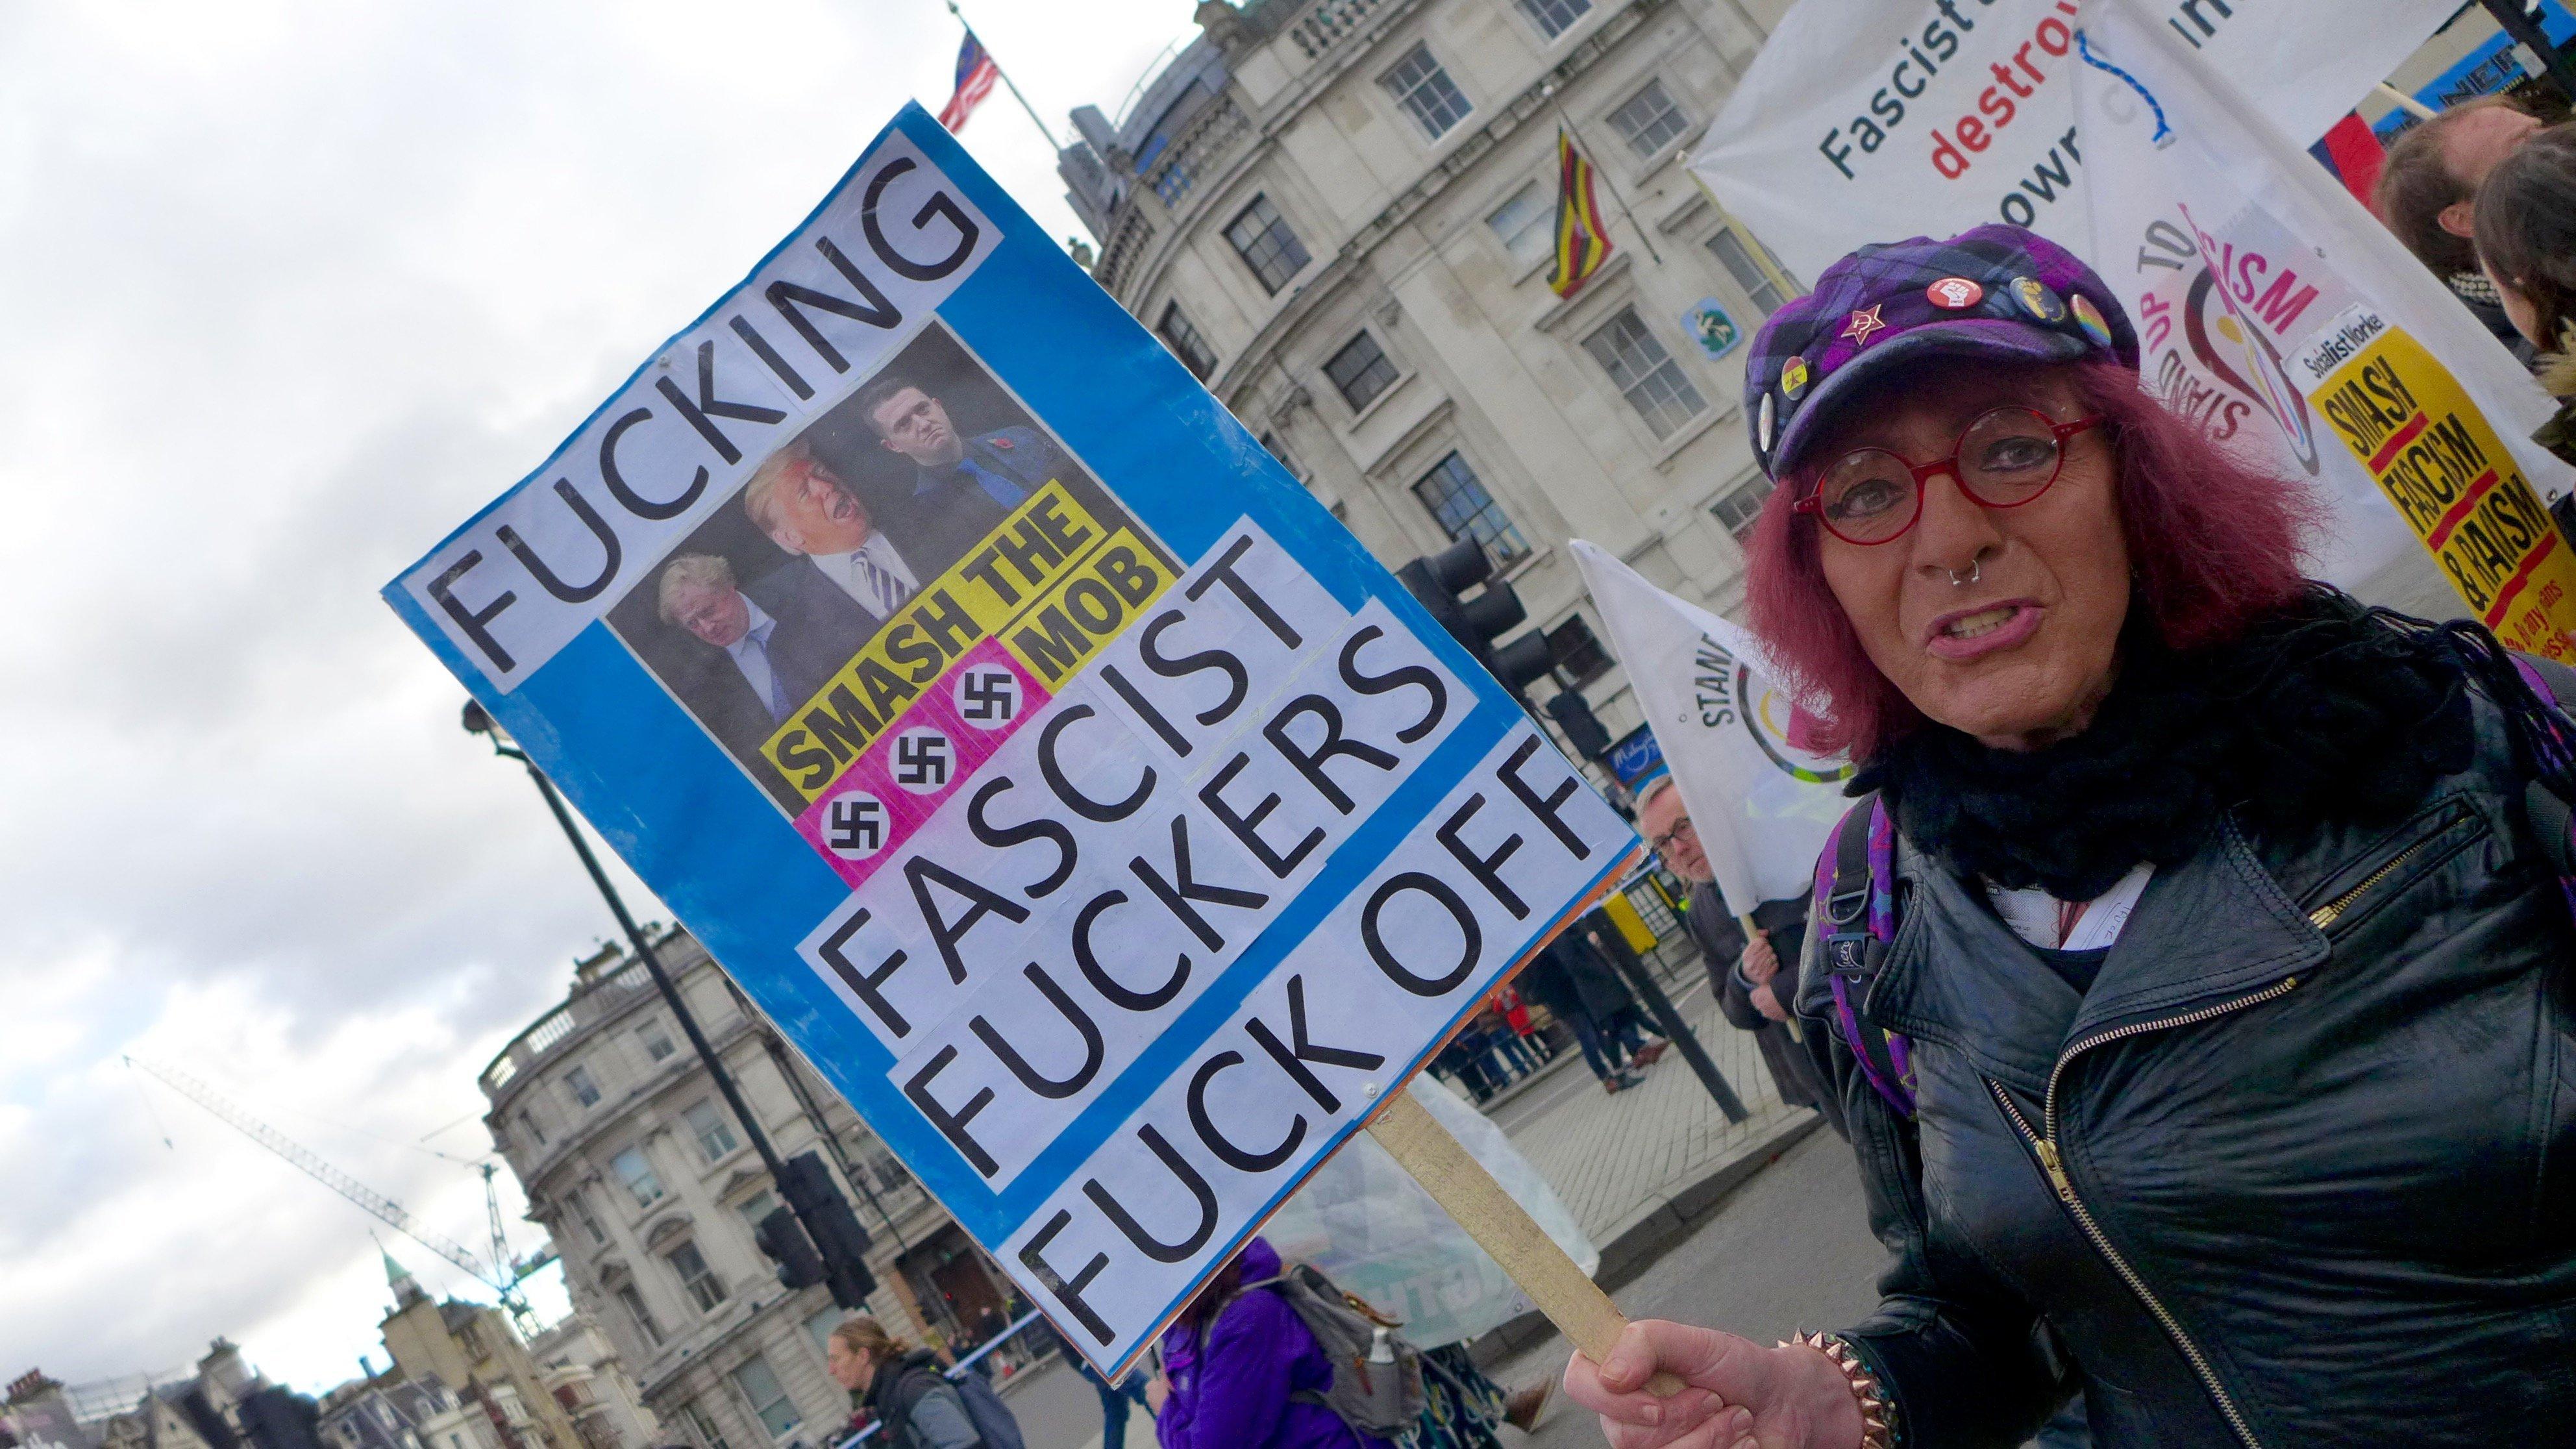 [화보] 브렉시트 '운명의 날'을 앞두고 영국에서 찬반 시위가